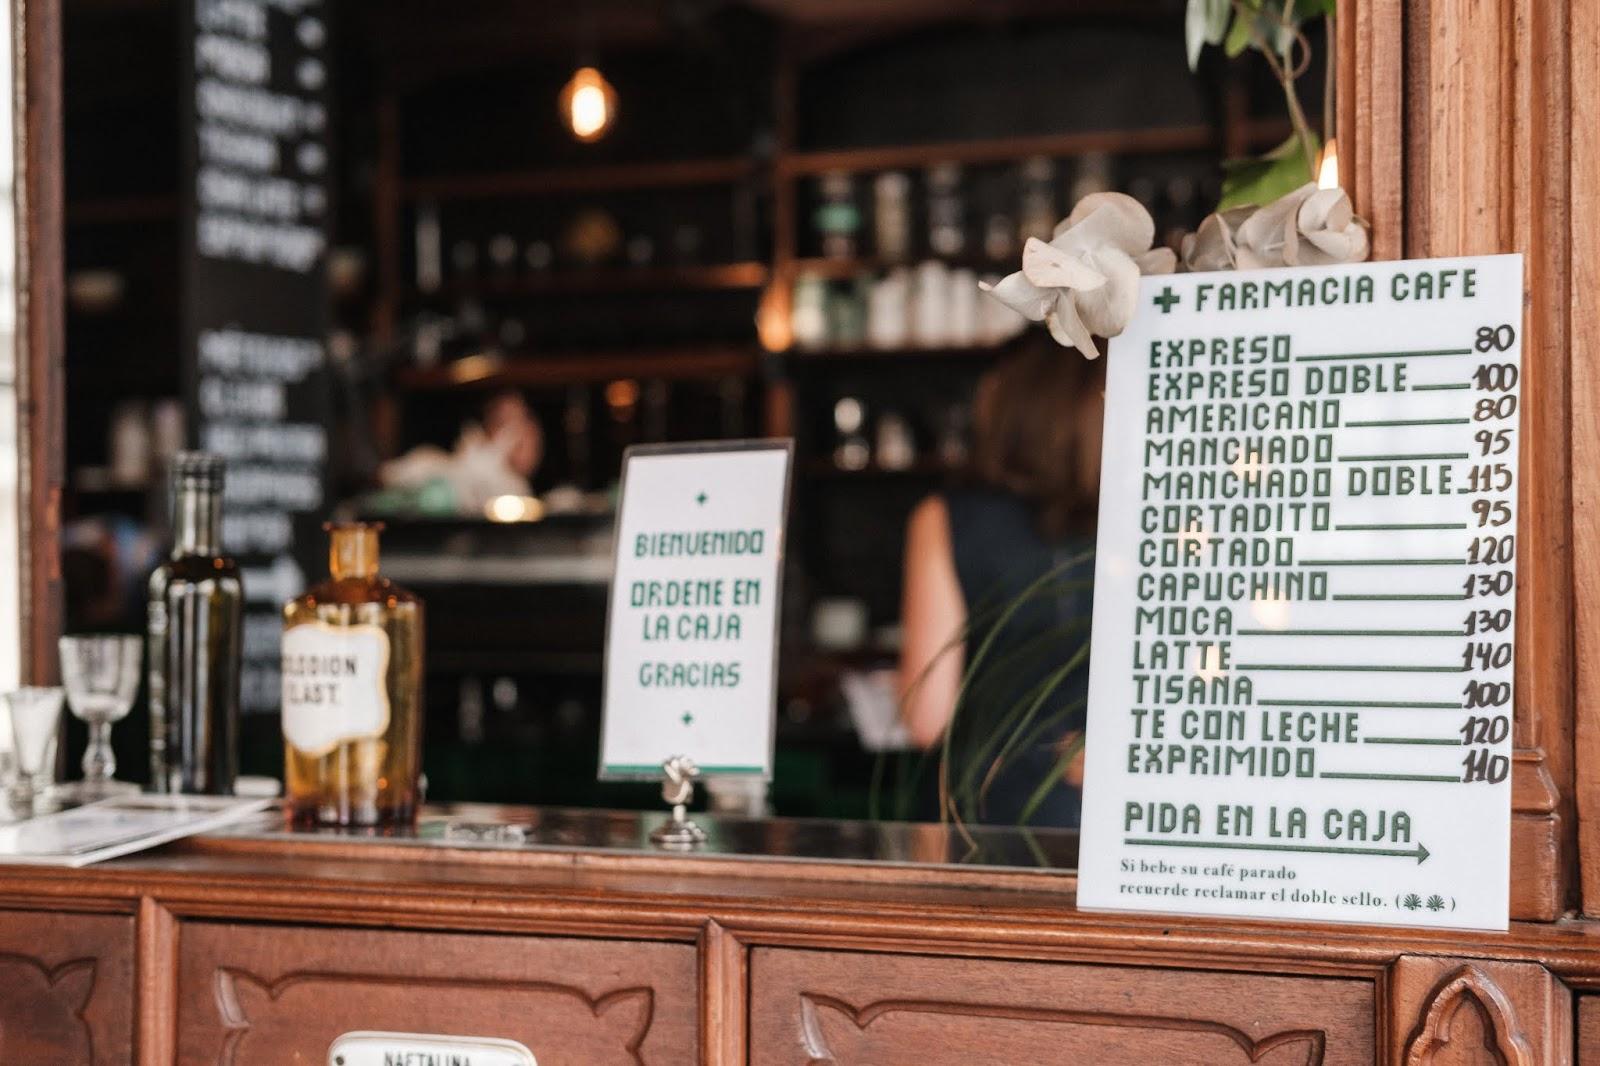 Dicas cafes Montevideu